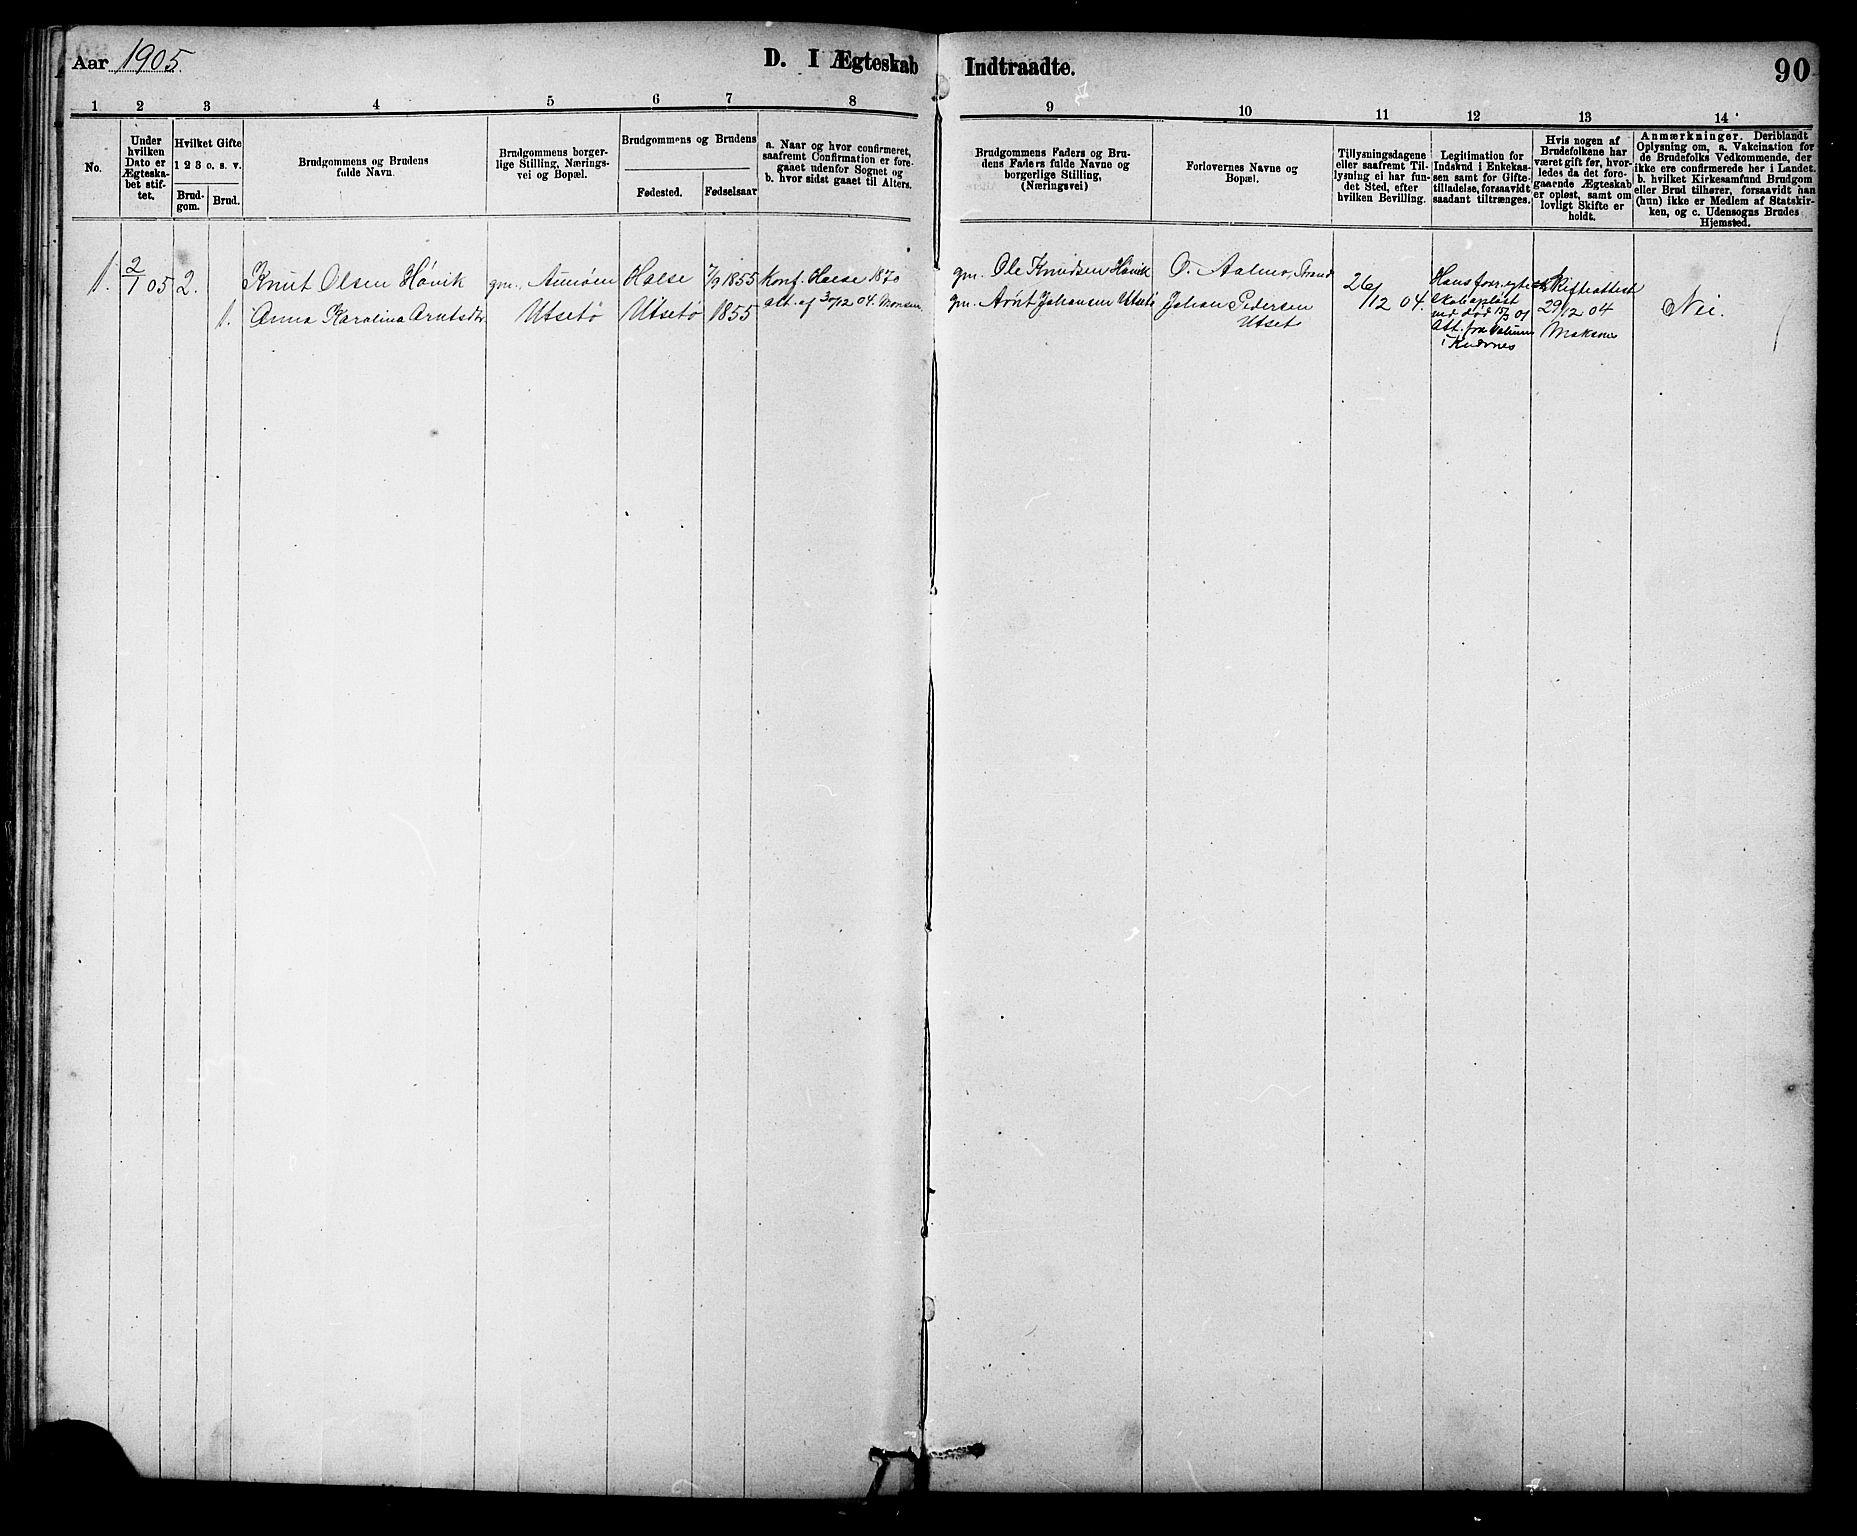 SAT, Ministerialprotokoller, klokkerbøker og fødselsregistre - Sør-Trøndelag, 639/L0573: Klokkerbok nr. 639C01, 1890-1905, s. 90